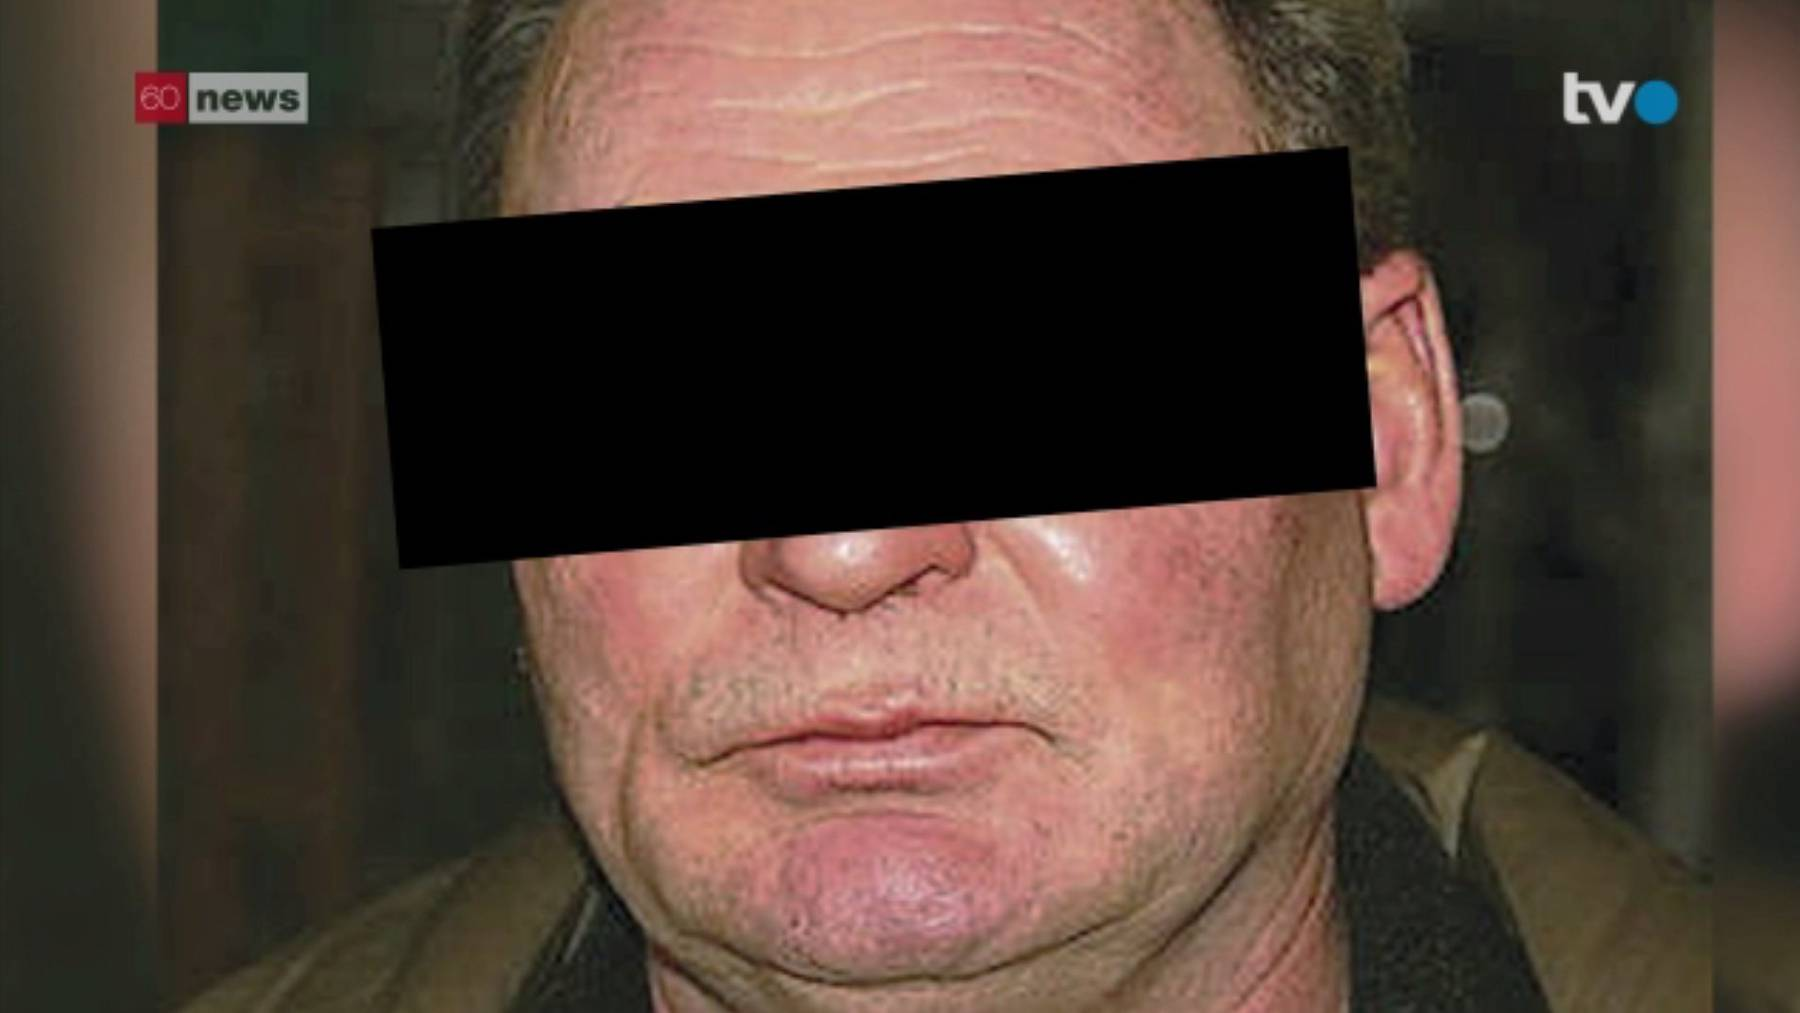 Der in Untersuchungshaft sitzende Ernst M. Bild: Screenshot TVO